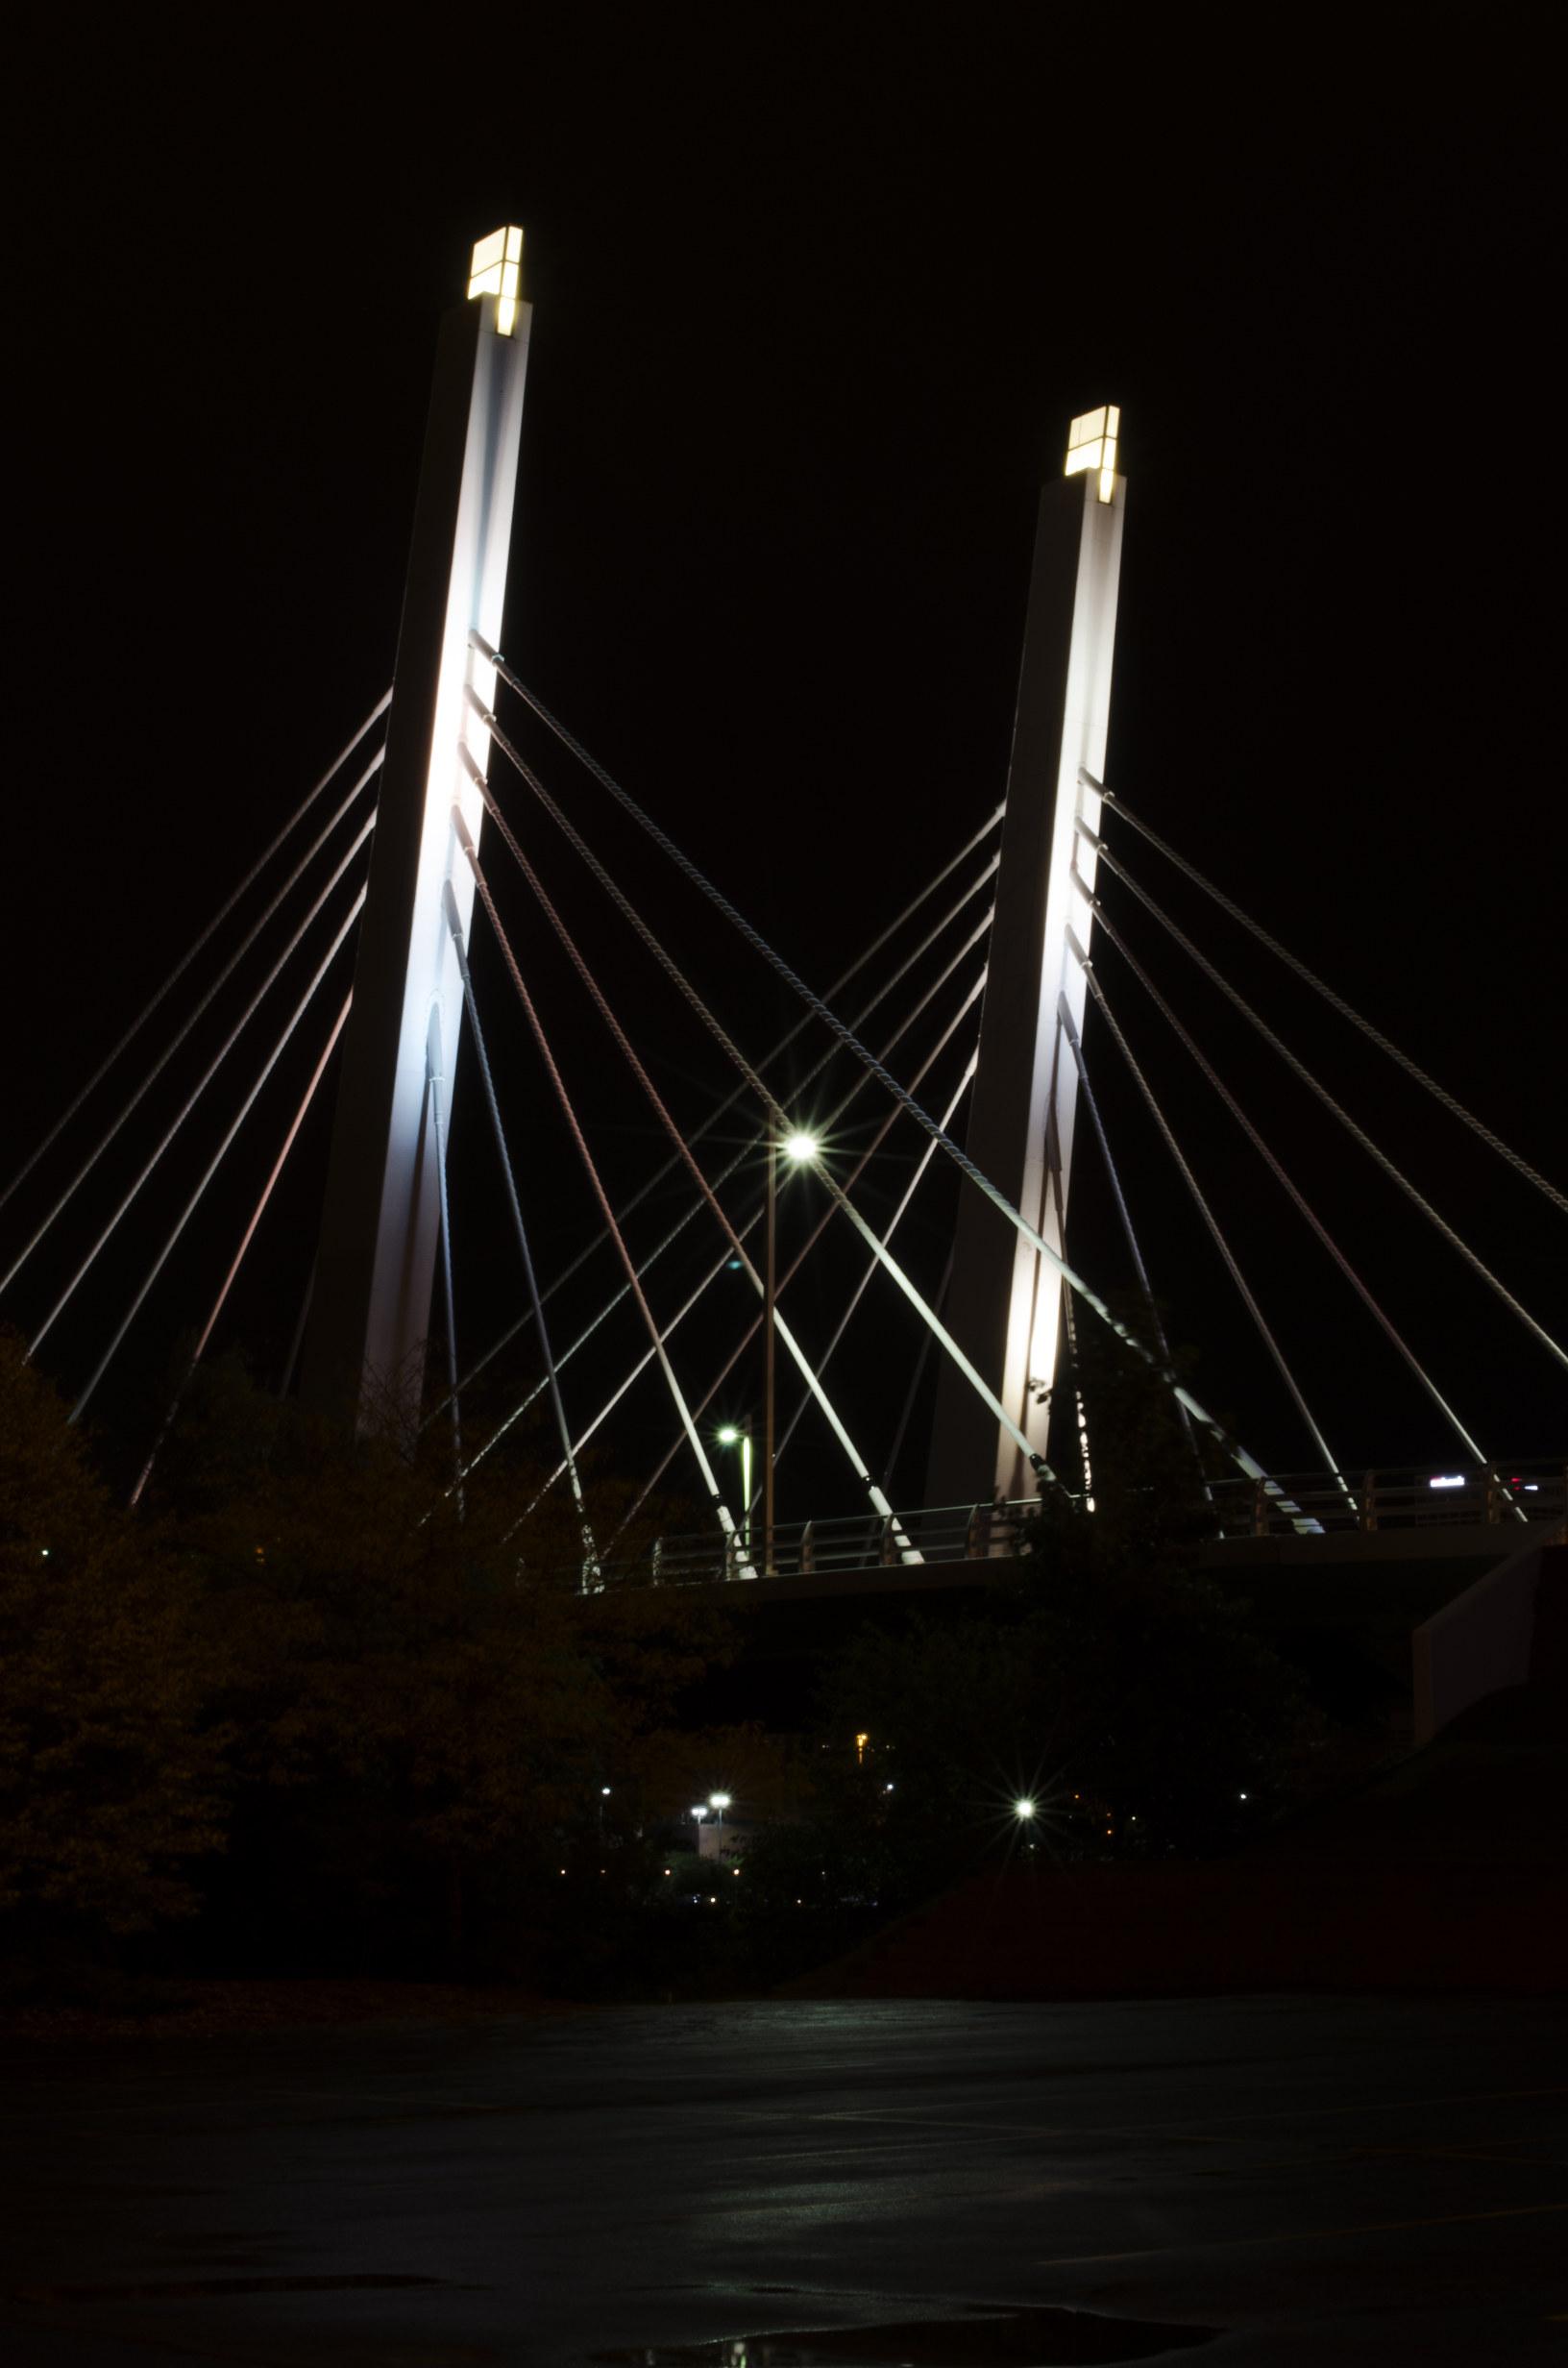 Night lights 3